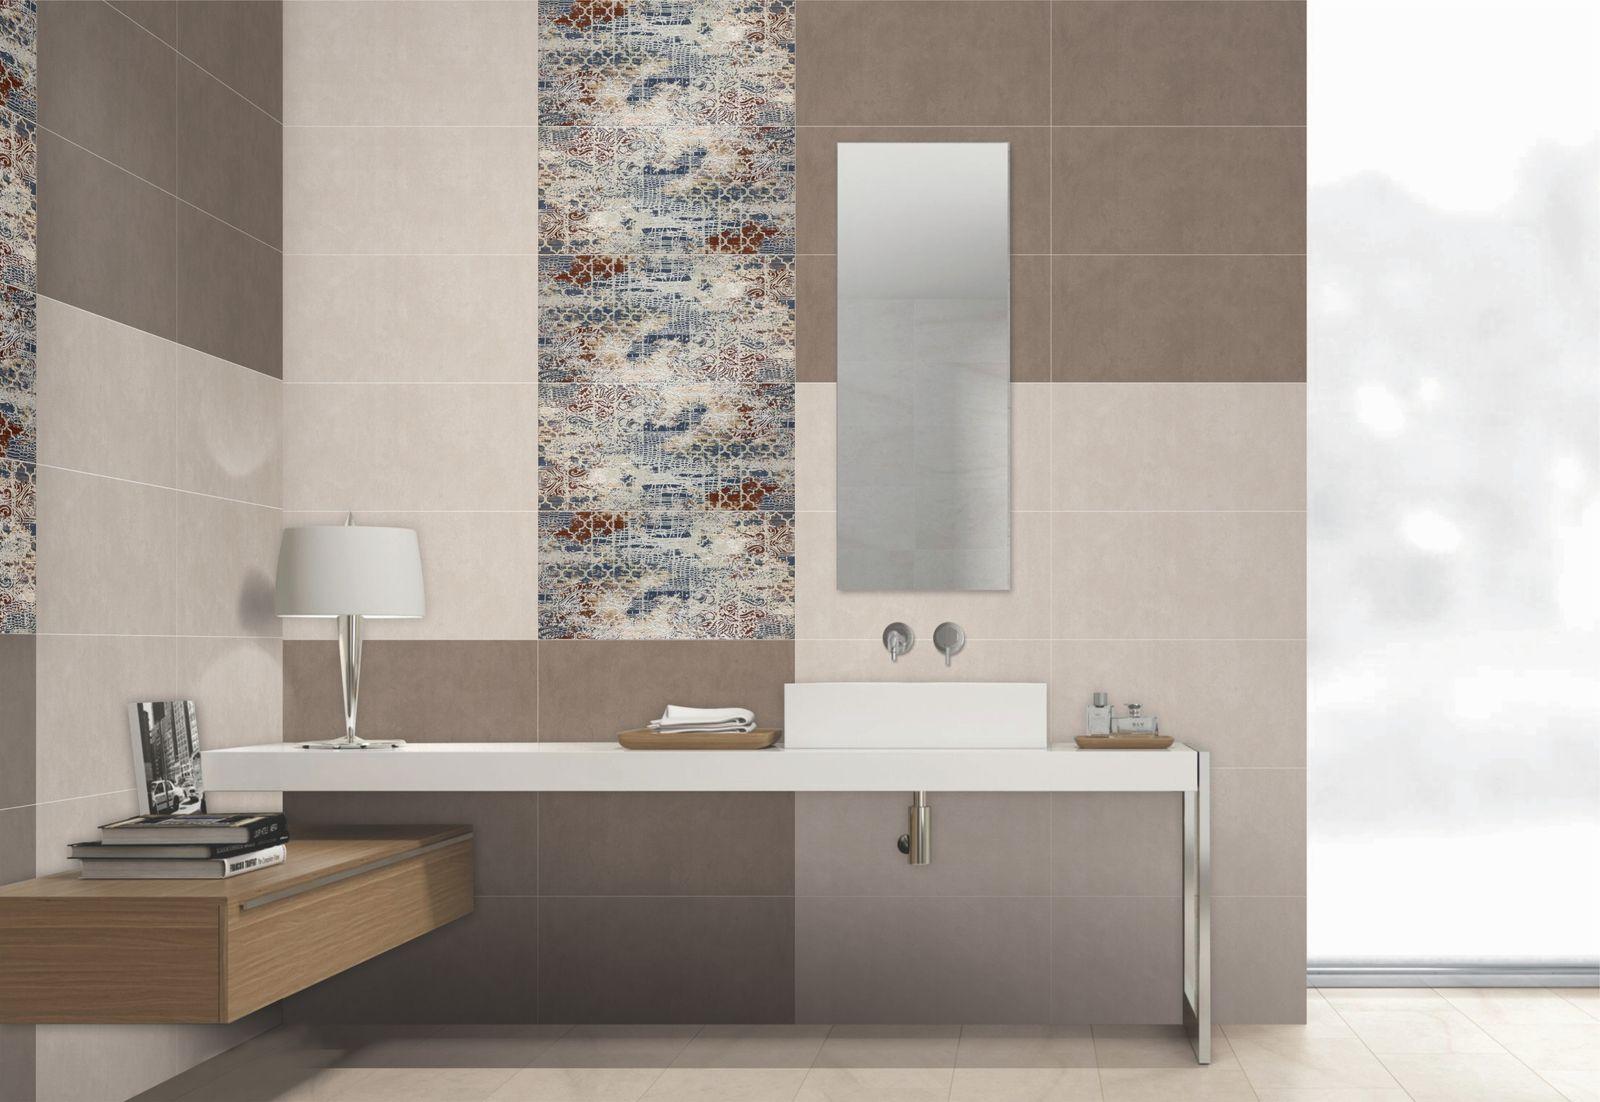 luxury lu 1237 30x60 cm layout result